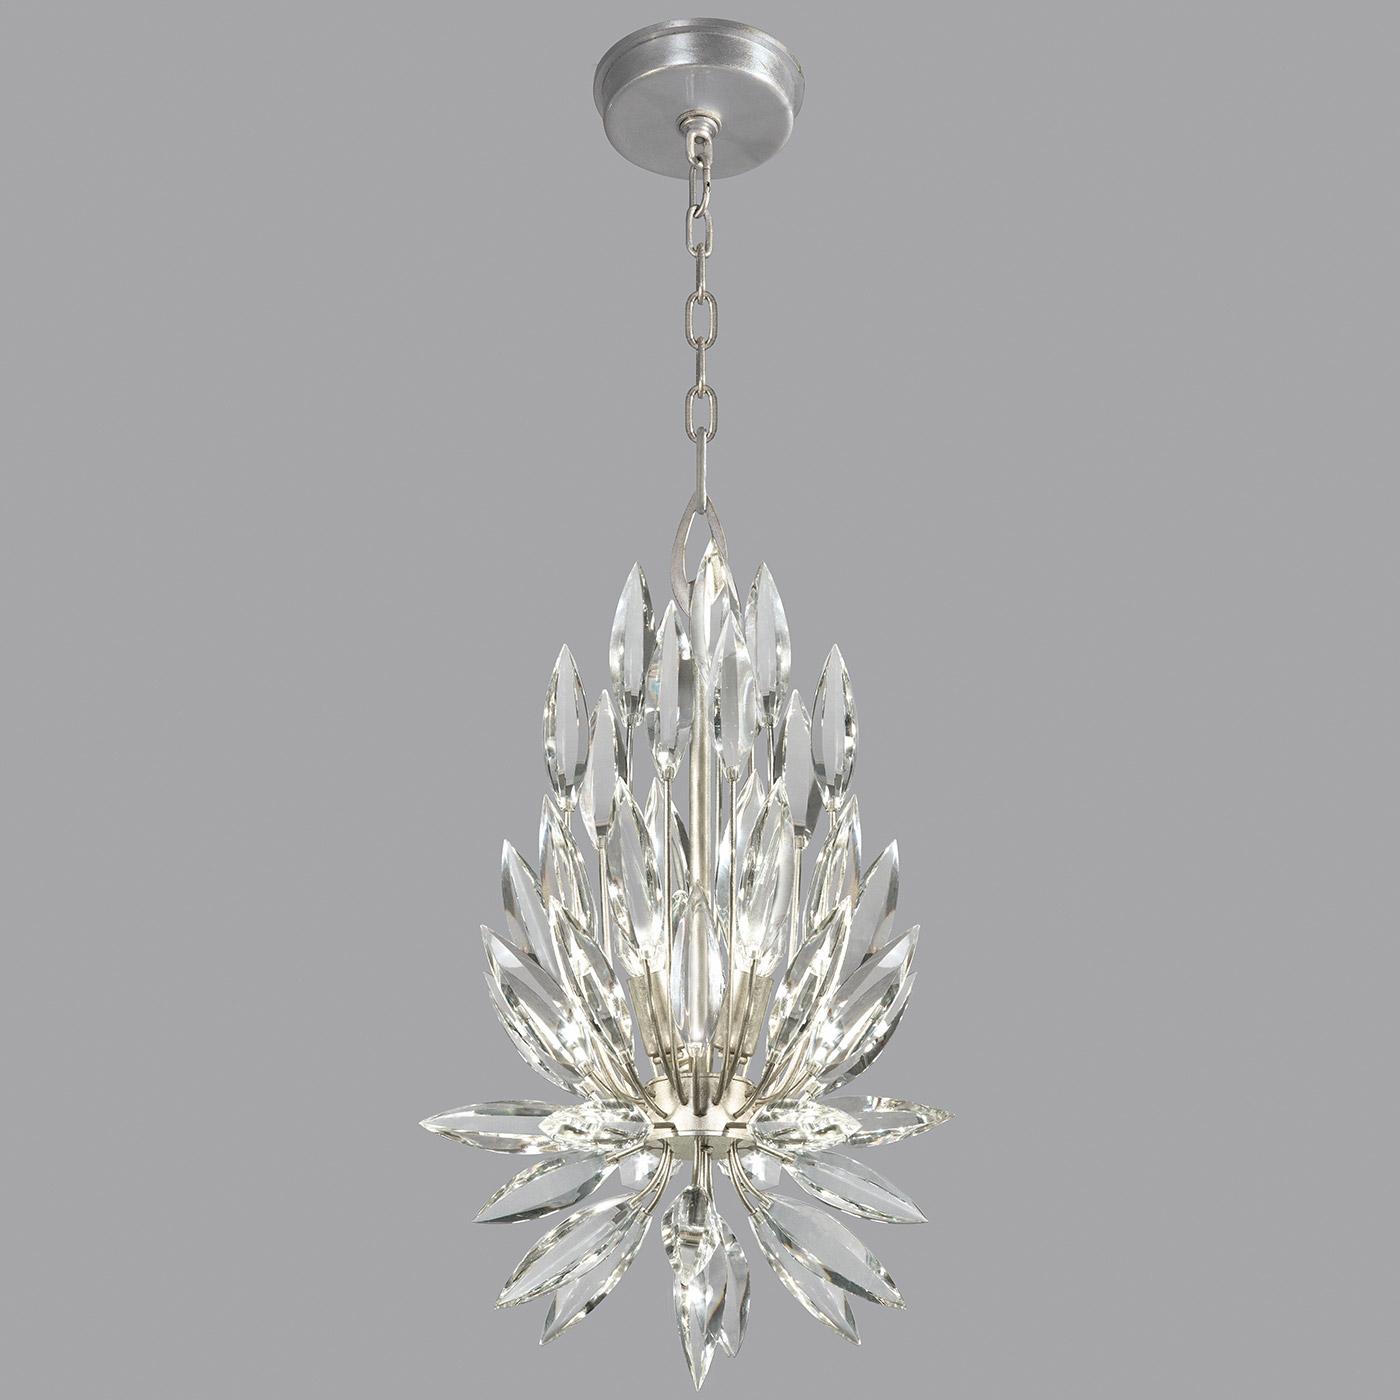 lily buds teardrop pendant by fine art lamps 881540